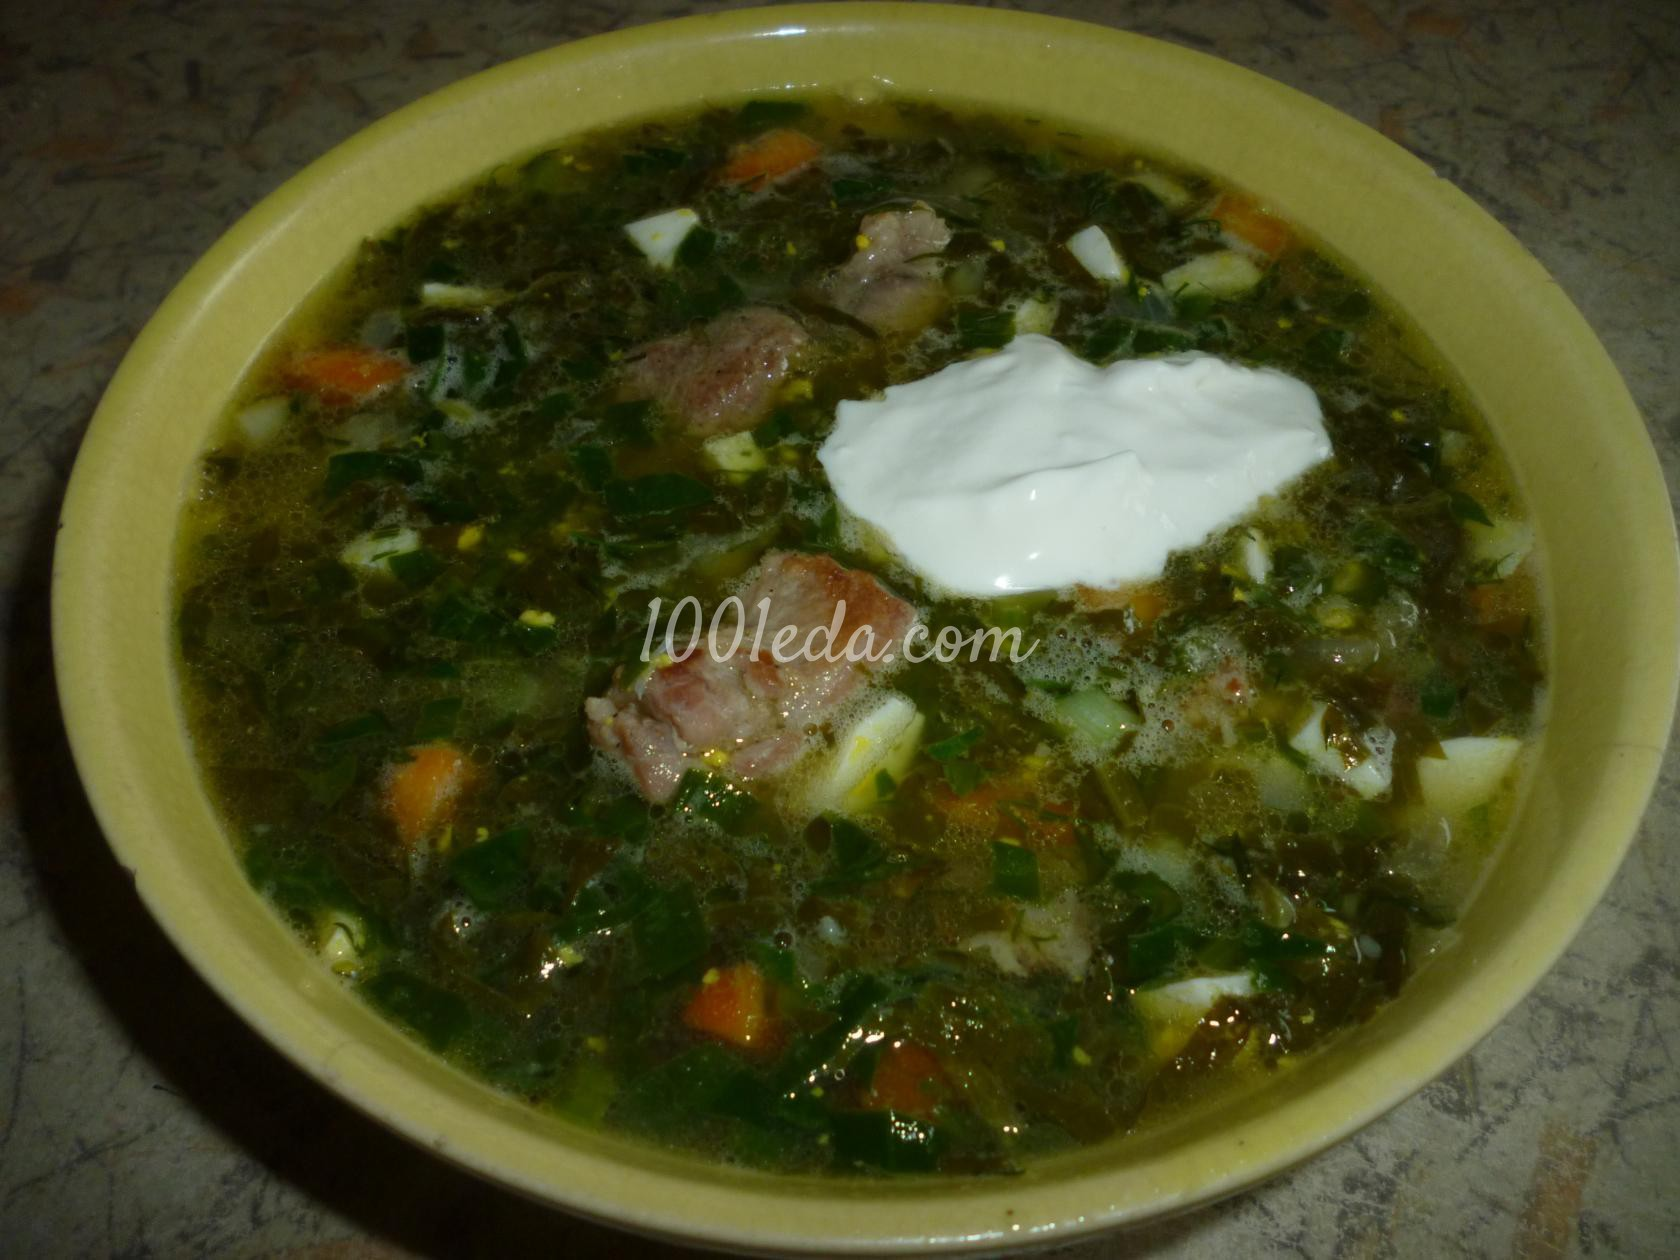 Щавельный борщ со шпинатом и жаренным мясом: рецепт с пошаговым фото